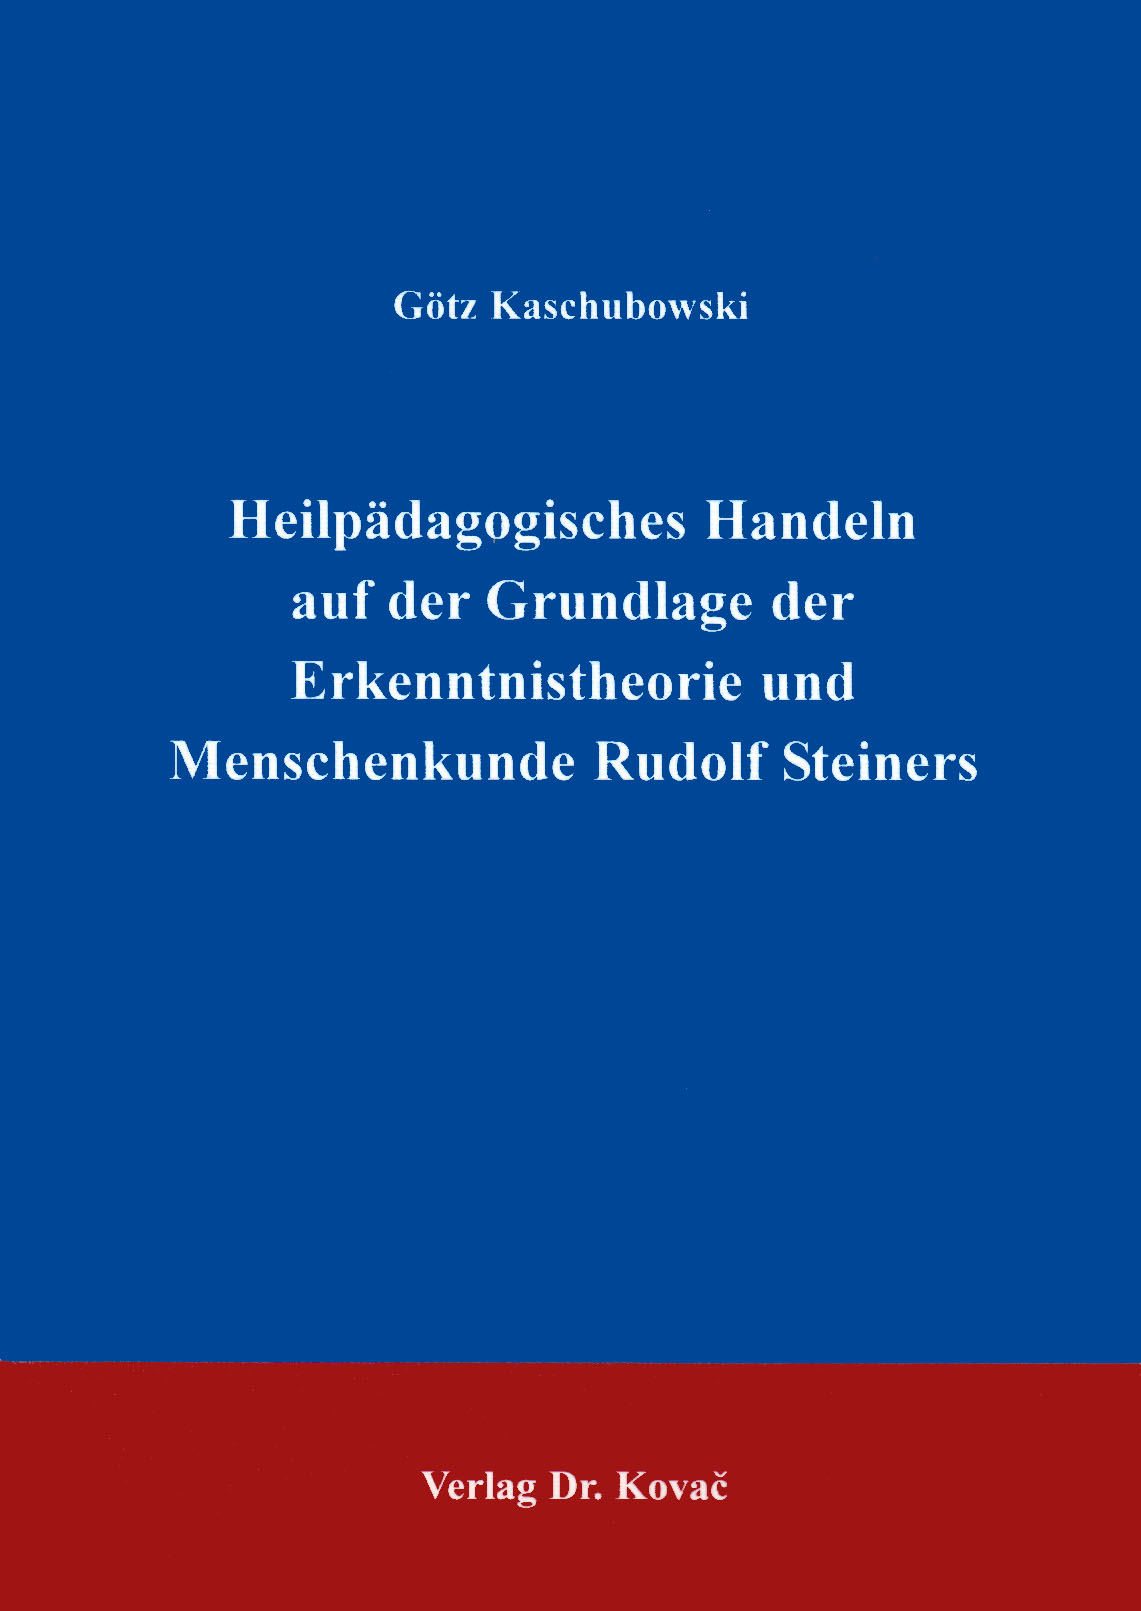 Cover: Heilpädagogisches Handeln auf der Grundlage der Erkenntnistheorie und Menschenkunde Rudolf Steiners